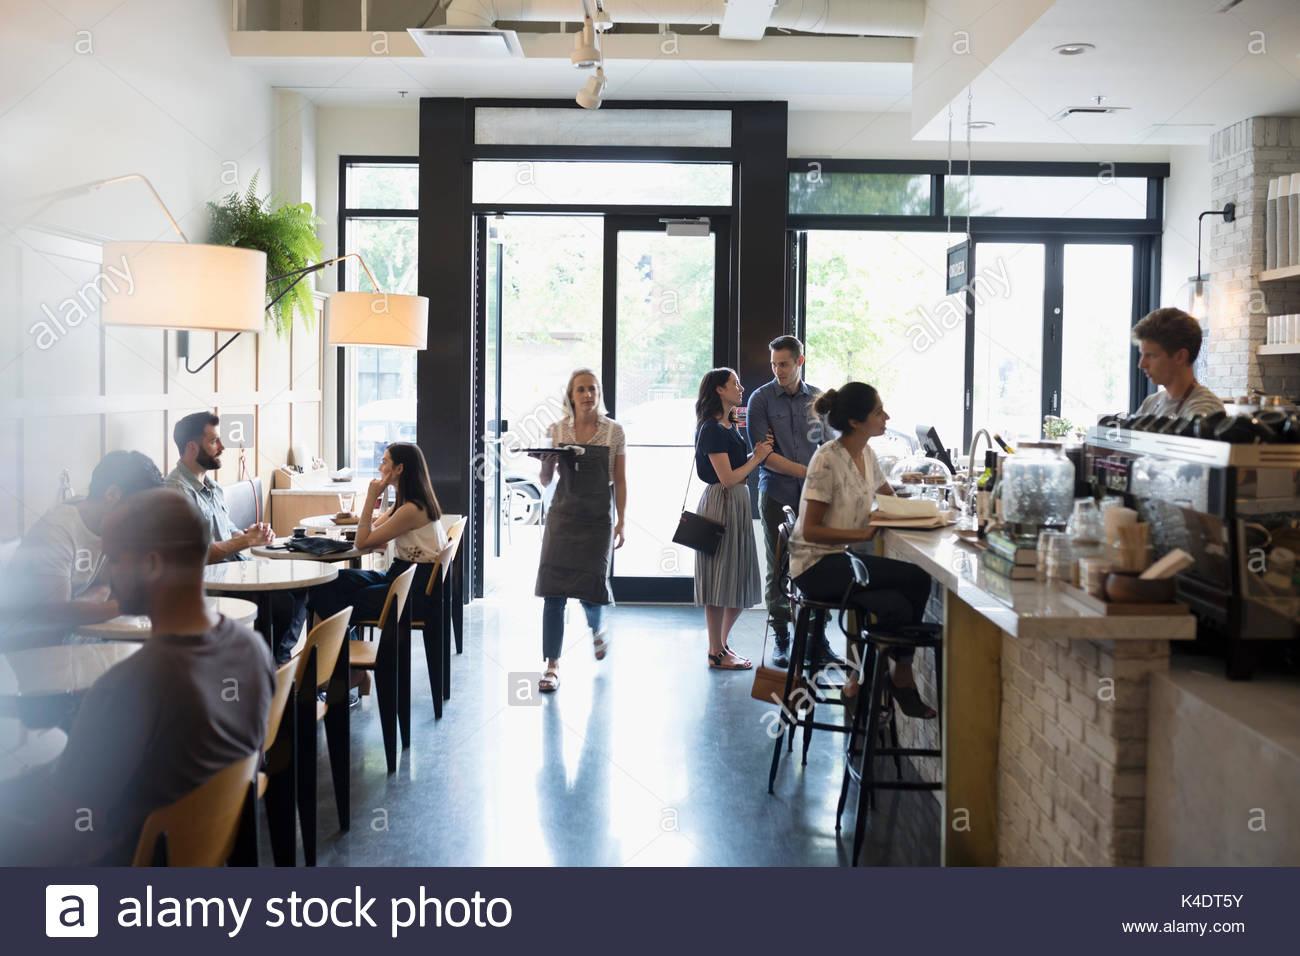 Camarera y clientes en cafe Imagen De Stock